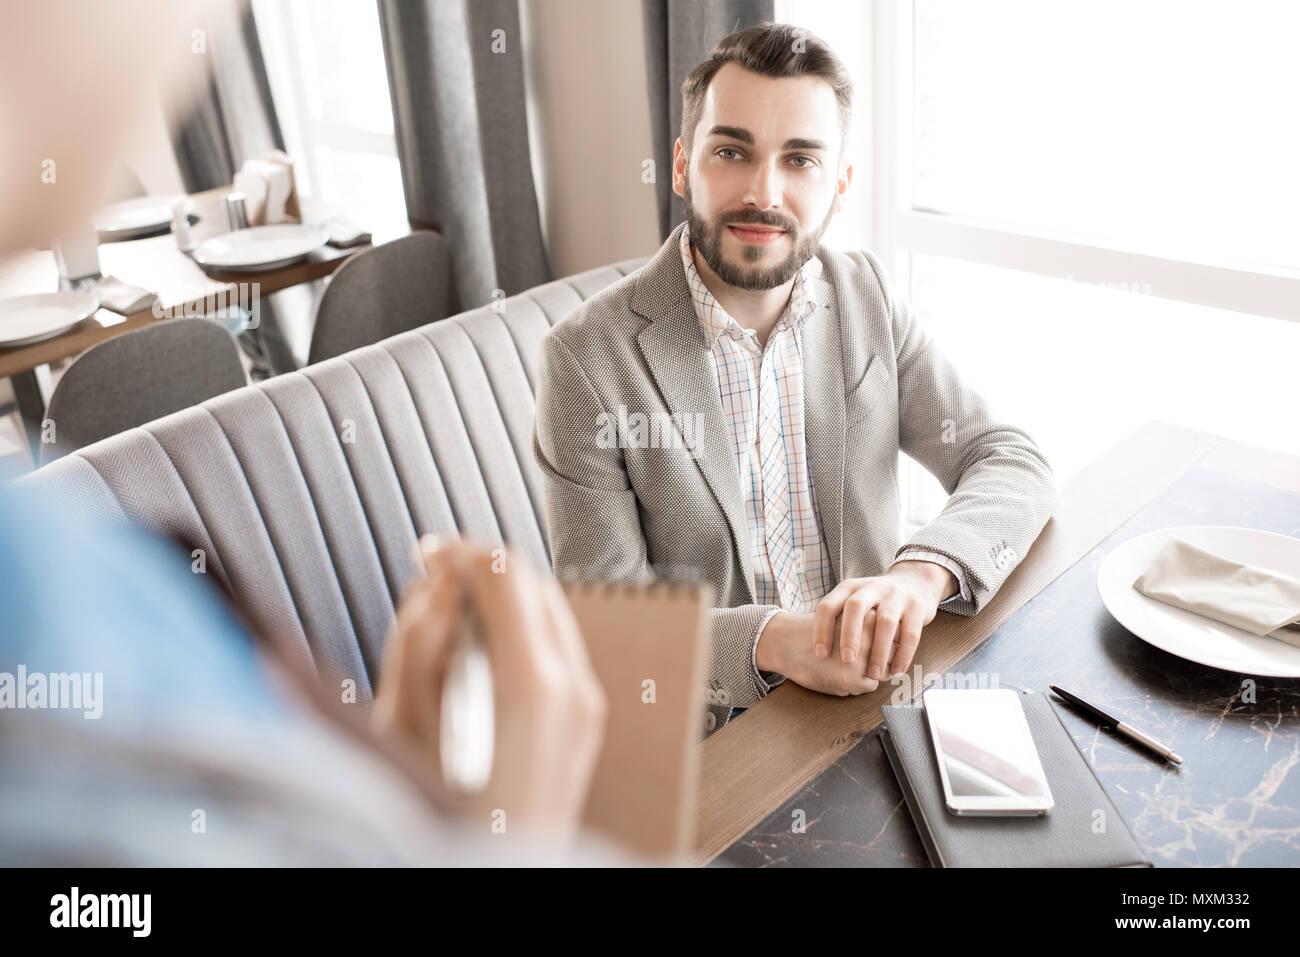 Schöner Mann hören Kellnerinnen Empfehlungen Stockbild